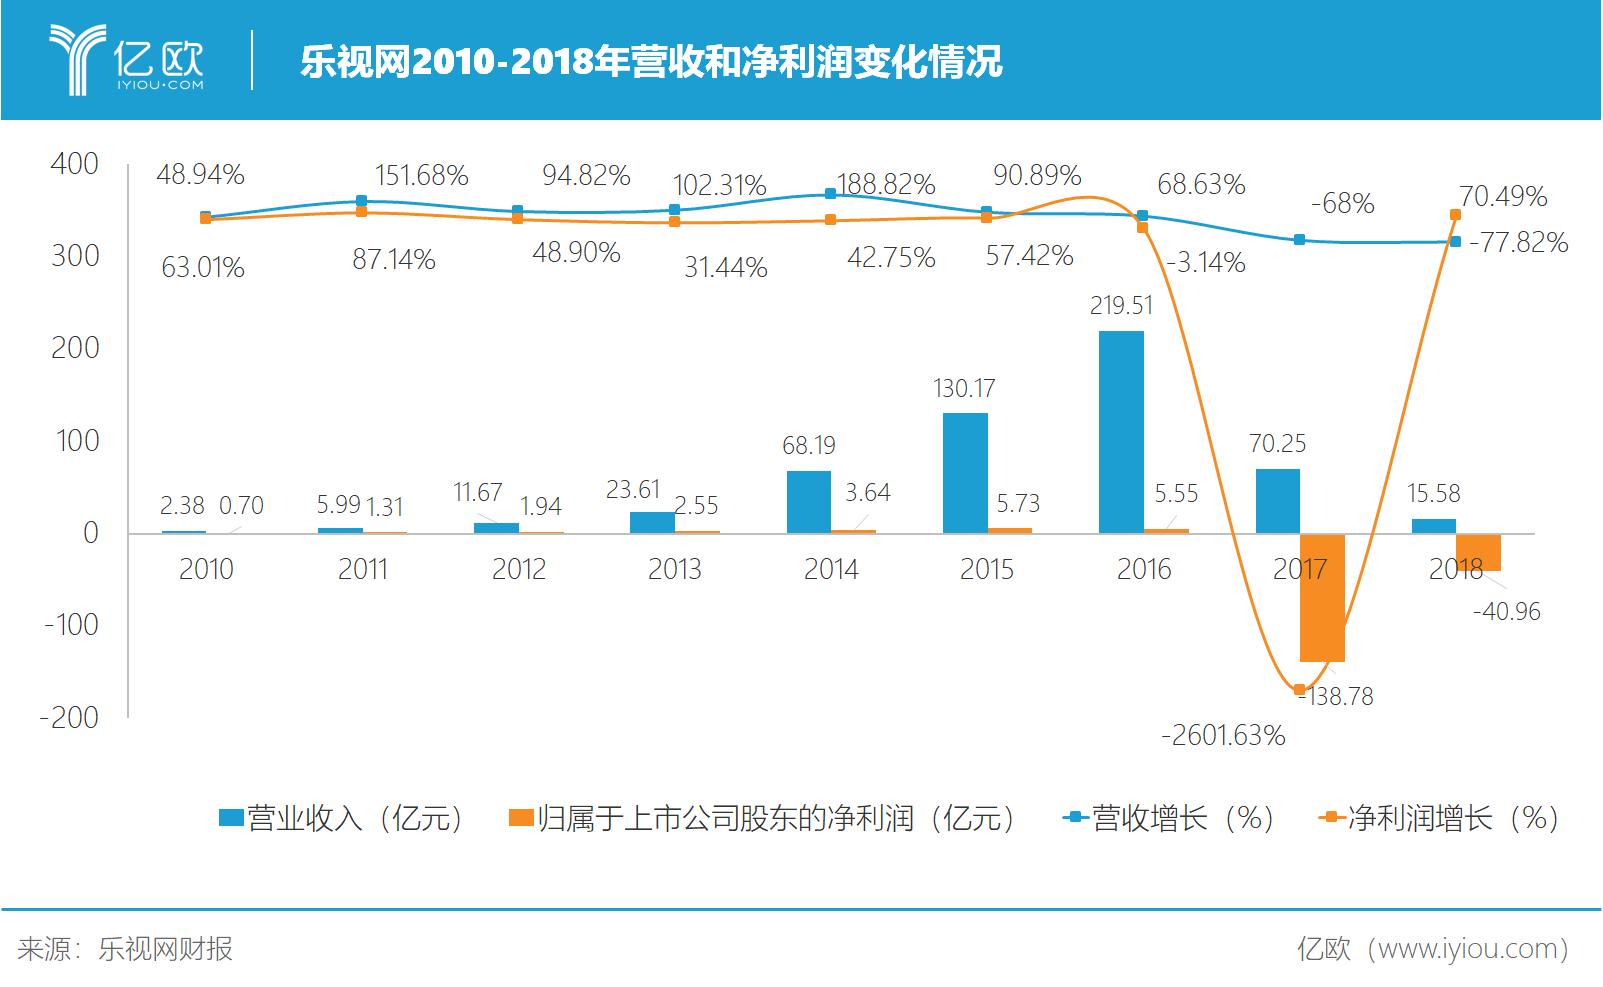 乐视网2010-2018年营收和净利润变化.png